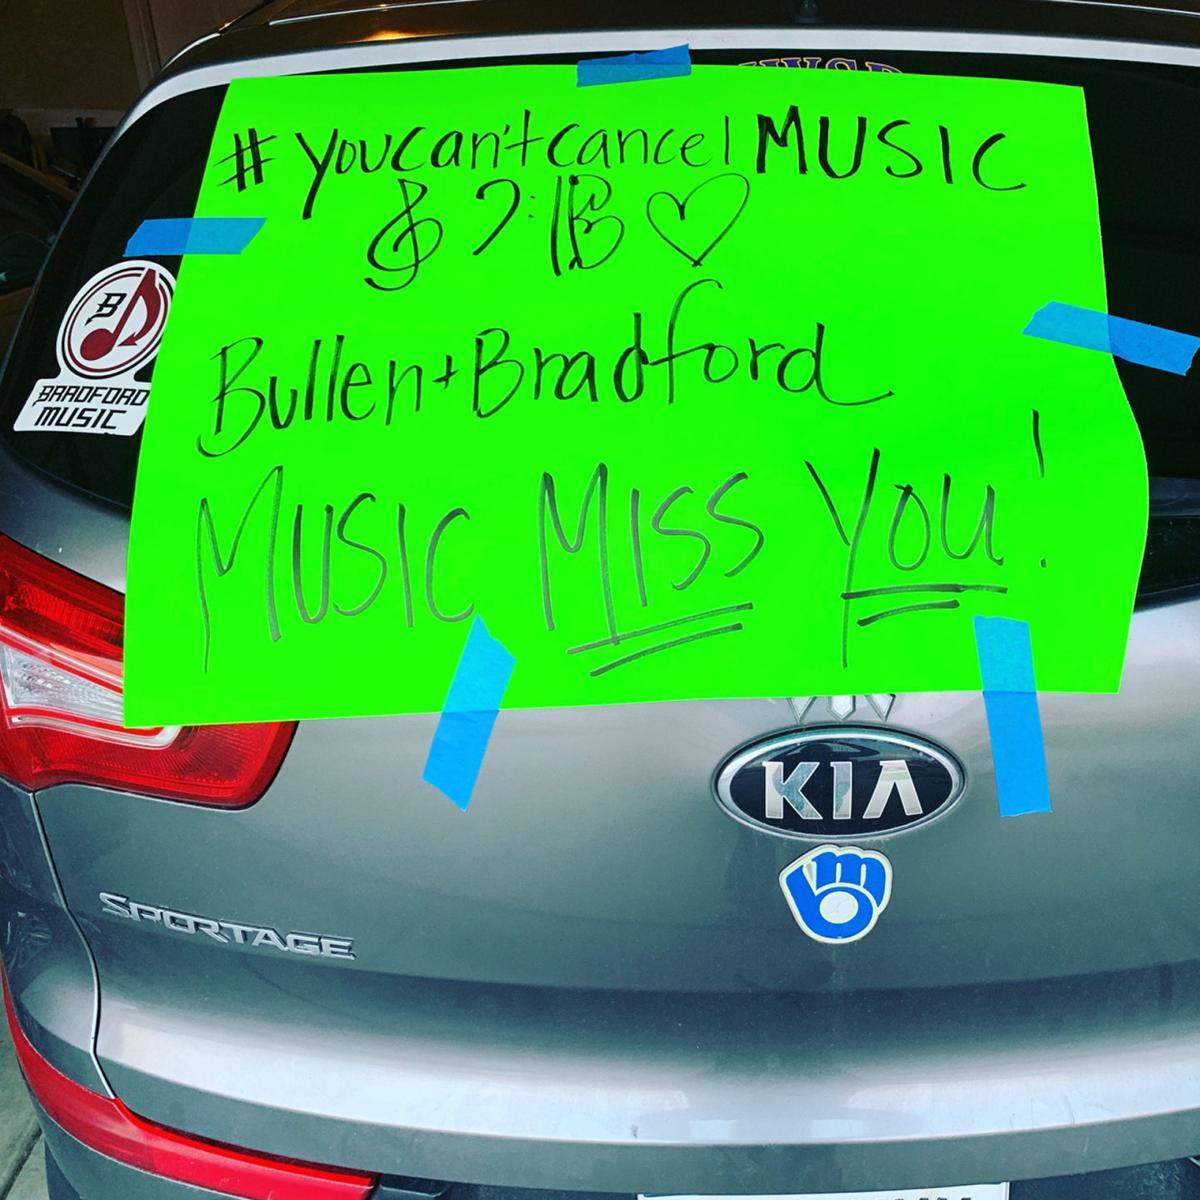 Heather Kamikawa's car in car parade.jpg